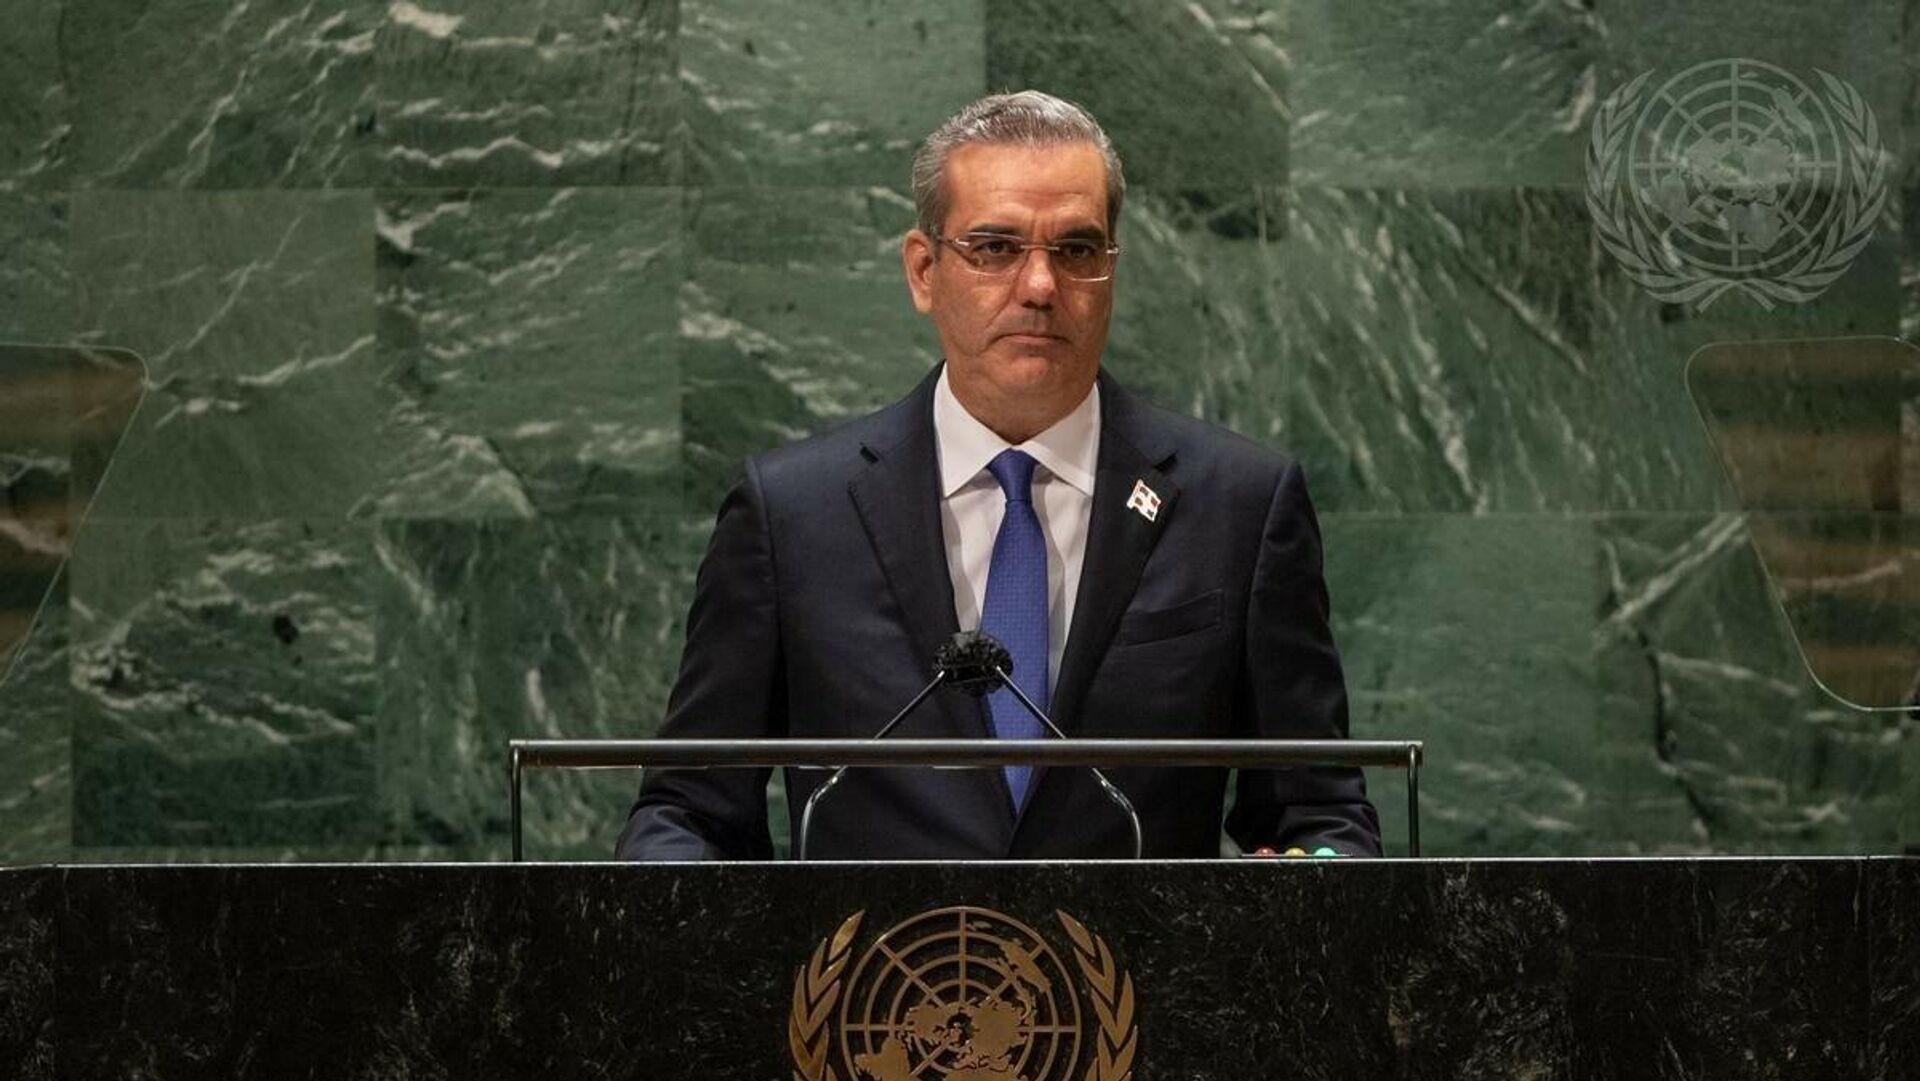 El presidente de República Dominicana, Luis Rodolfo Abinader Corona - Sputnik Mundo, 1920, 04.10.2021